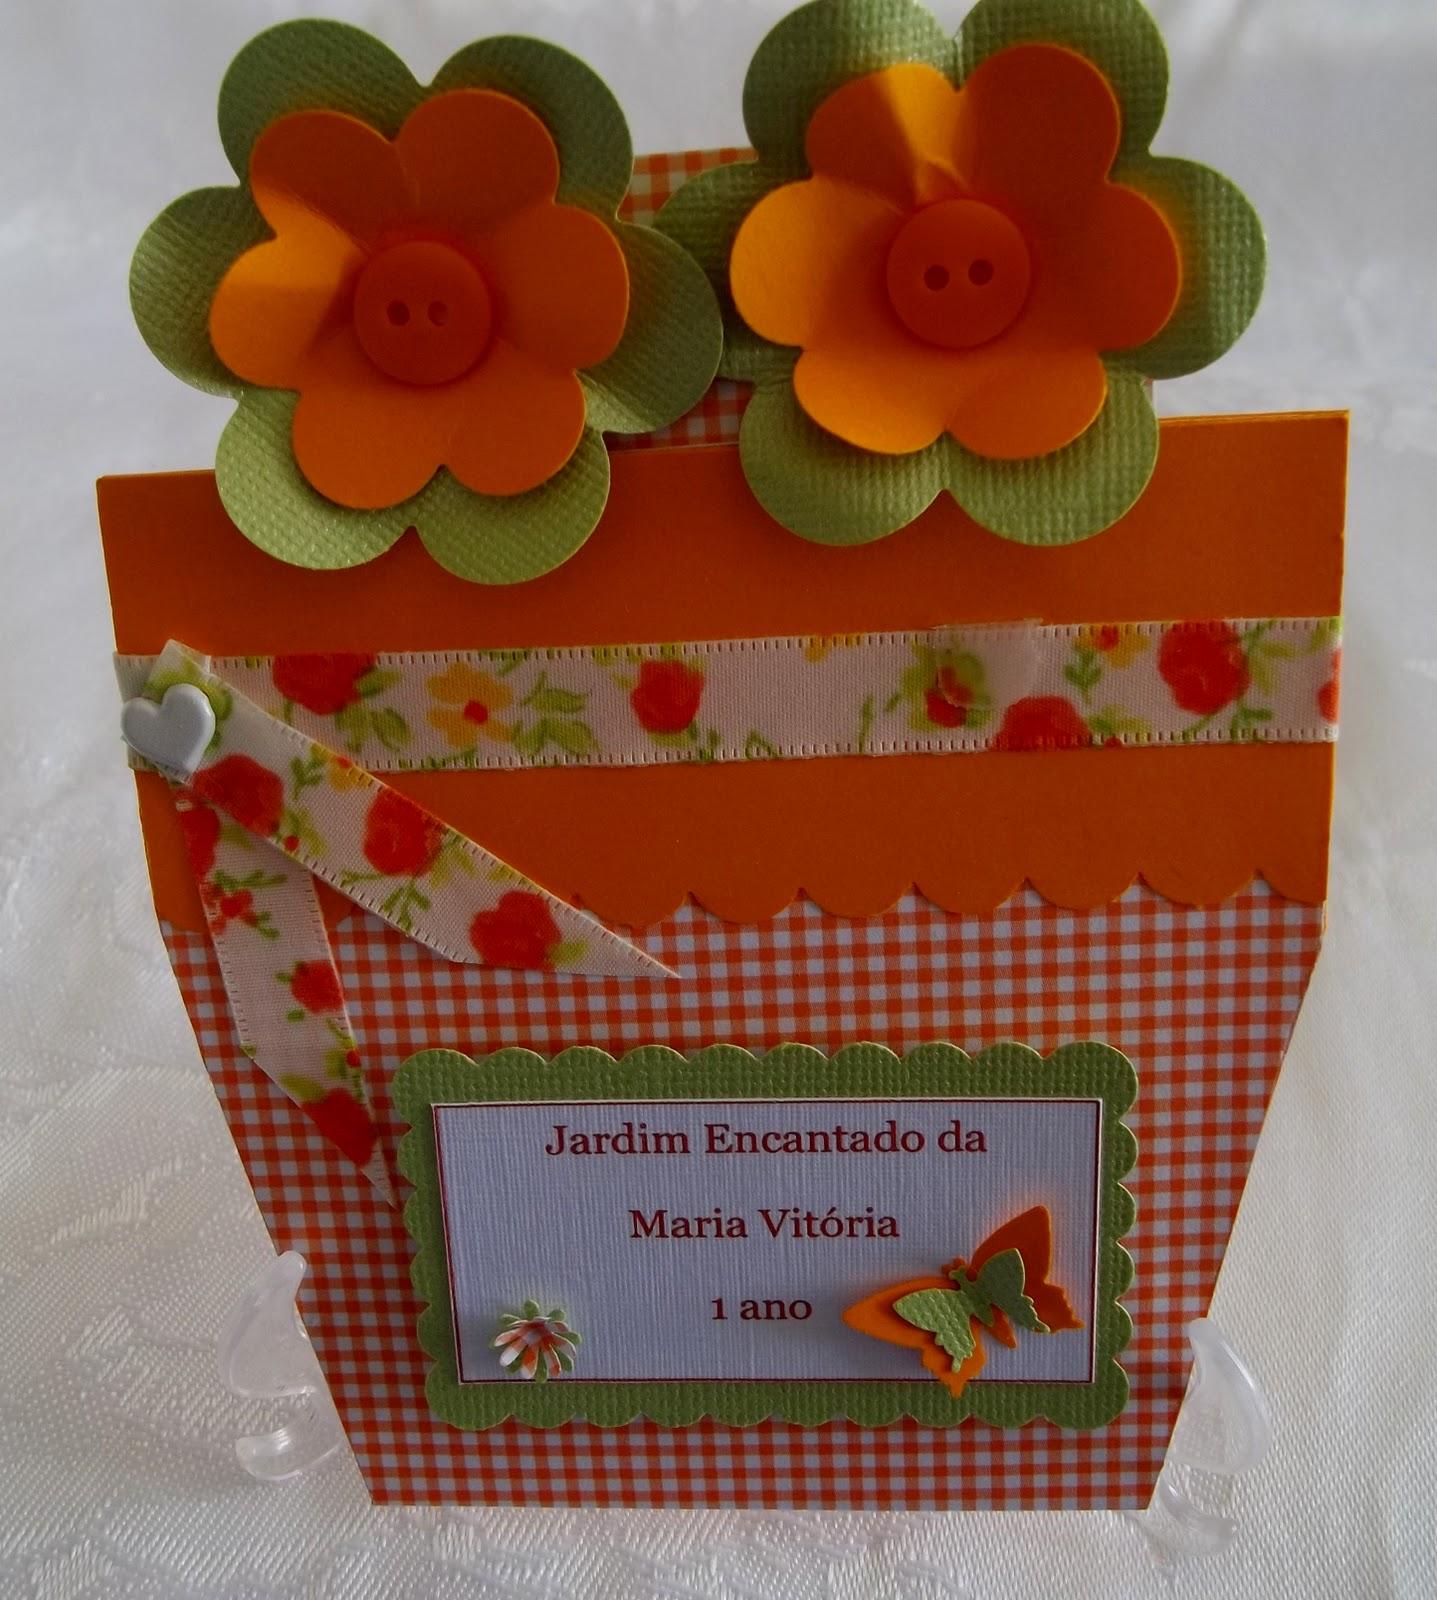 festa jardim convite : festa jardim convite:FESTA JARDIM ENCANTADO